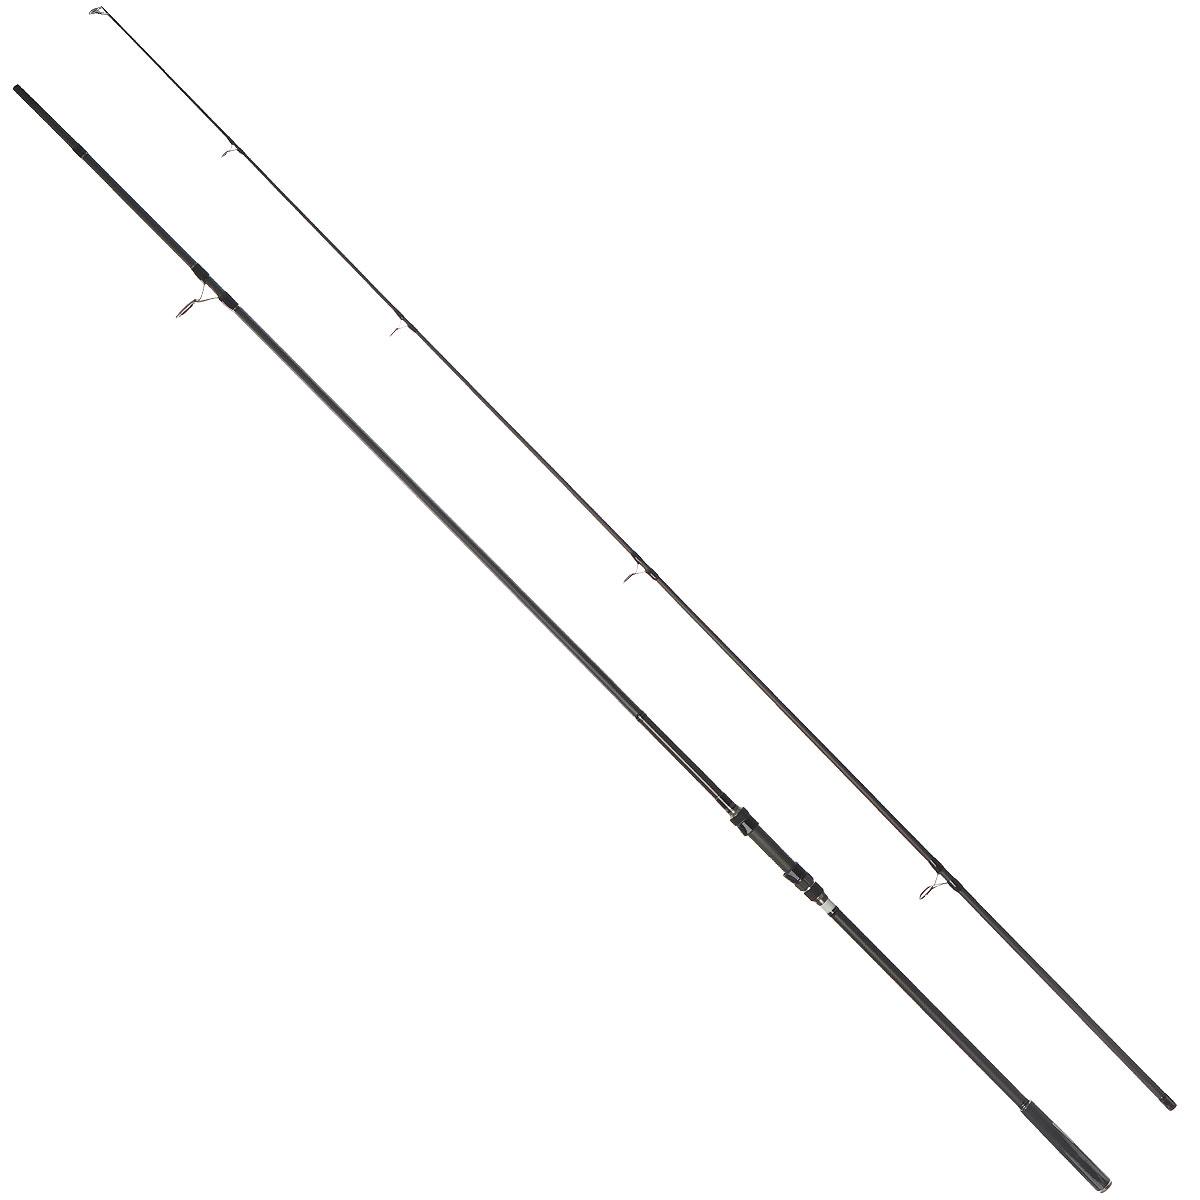 Удилище карповое Daiwa Windcast Carp, 3,9 м, 3,5 lbs84176125Daiwa Windcast Carp - это высококлассное карповое удилище с феноменальными рабочими характеристиками.Особенности удилища:Бланки из высокомодульного графита обеспечивают высокую чувствительность и мощность. Армирующая графитовая оплетка по всей длине. Надежный катушкодержатель от FujiПропускные кольца со вставками Sic. Флуоресцентная полоска с подсветкой специально для ночной ловли.Поставляется в чехле для переноски и хранения.Тест: 3,5 lbs.